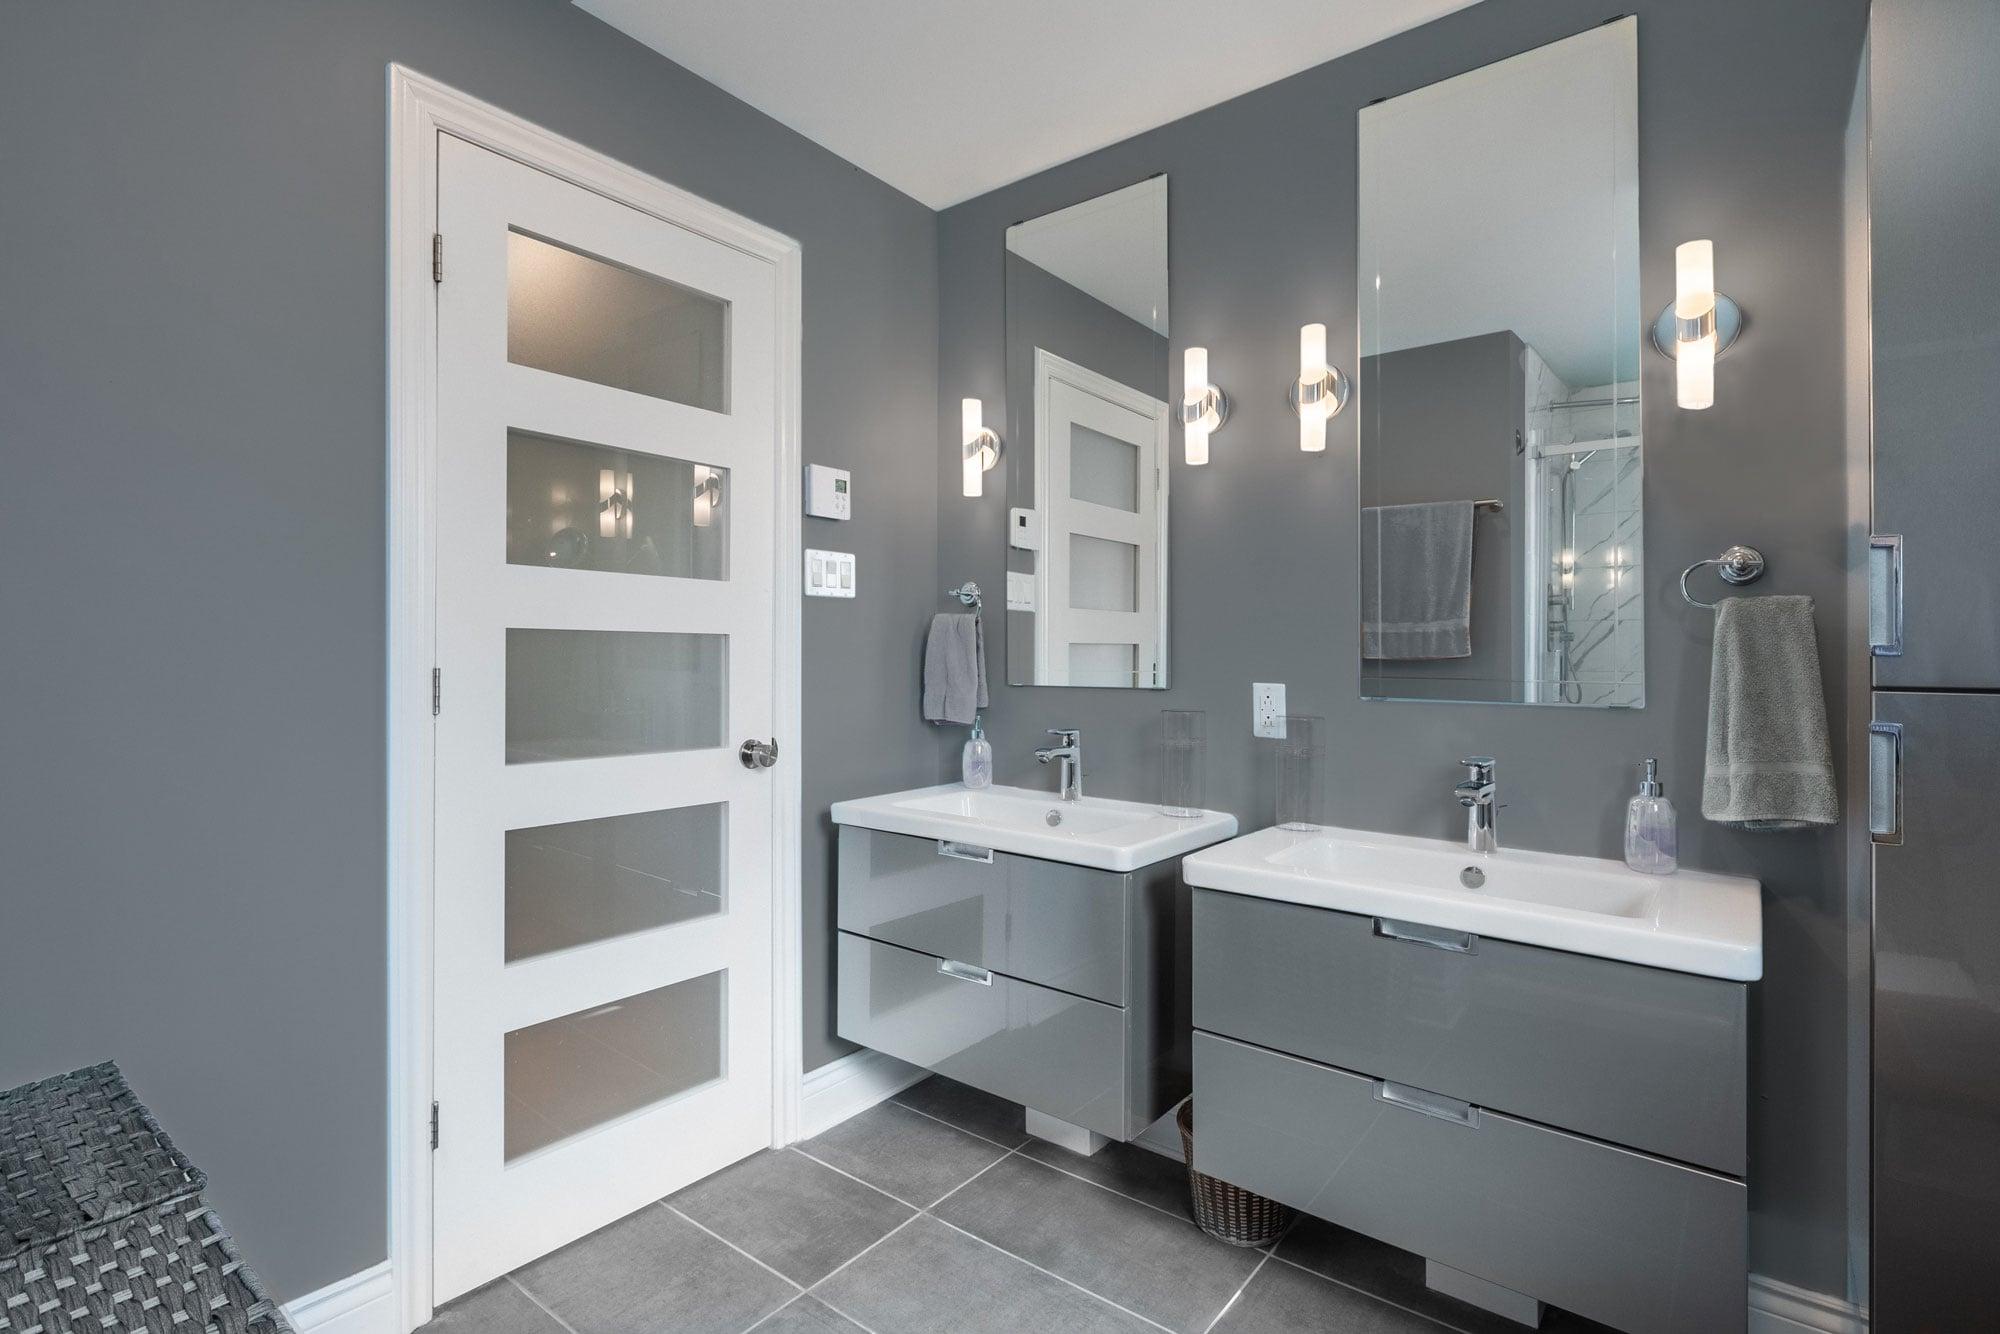 rénovation de salle de bain grise avec deux vanités